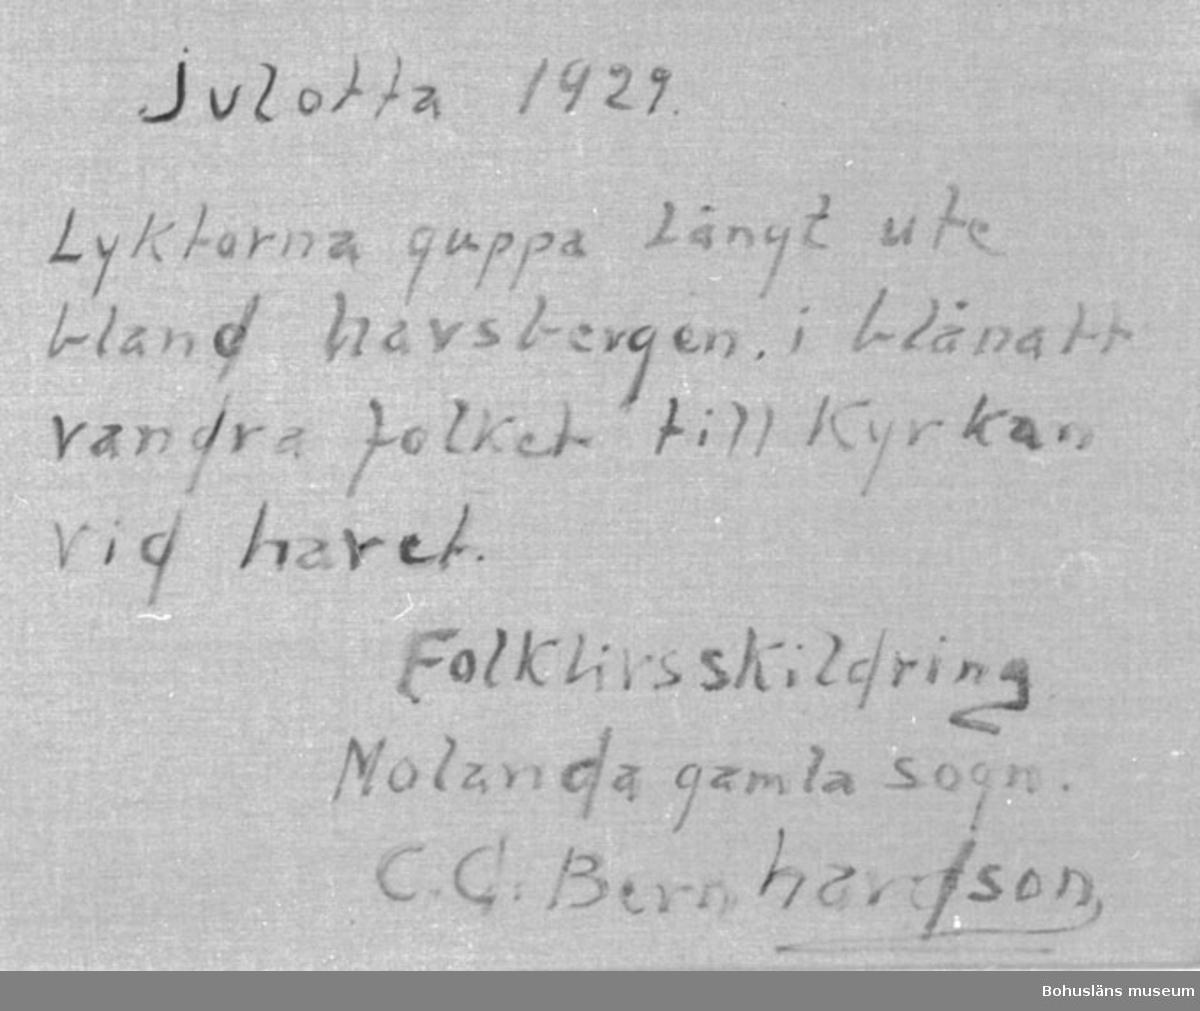 """Baksidestext:  """"Julotta 1929.  Lyktorna guppa Långt ute bland havsbergen, i blånatt vandra folket till Kyrkan vid havet. Folklivsskildring Molanda gamla sogn. C.G. Bernhardson.""""  Ordförklaring: Blånatt = stjärnklar natt, Molanda = Morlanda, Orust, sogn = socken.  Litteratur: Bernhardson, C.G.: Bohuslänskt folkliv, Uddevalla, 1982 s.56. Titel i boken: Julotta.  Övrig historik; se CGB001."""